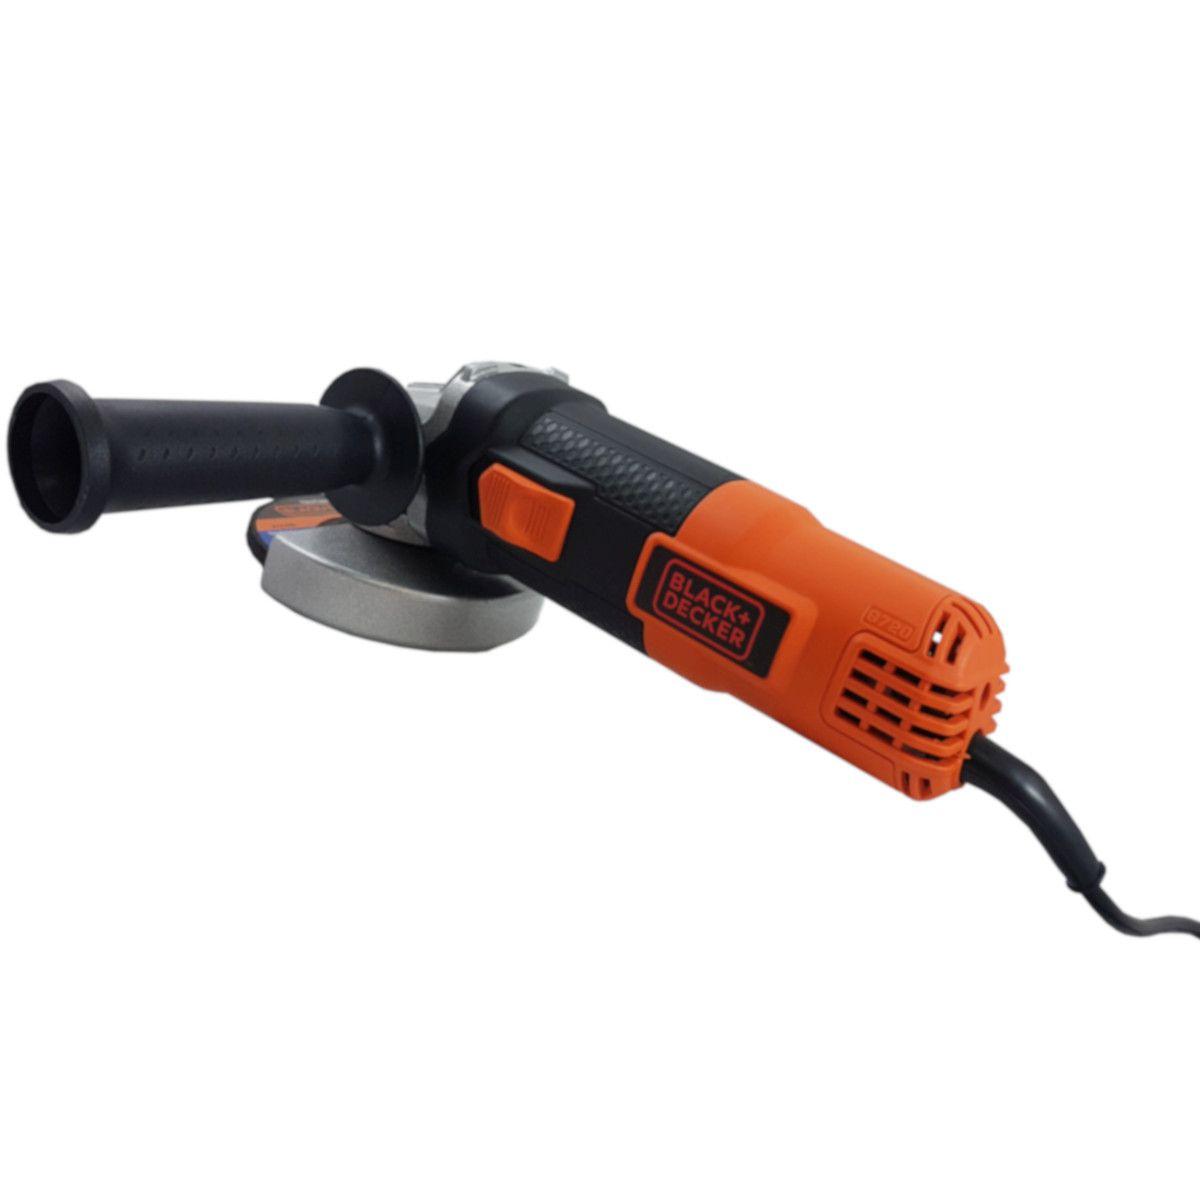 """Esmerilhadeira Angular de 4-1/2"""" (115mm) Black e Decker 820W, G720, + Brinde"""